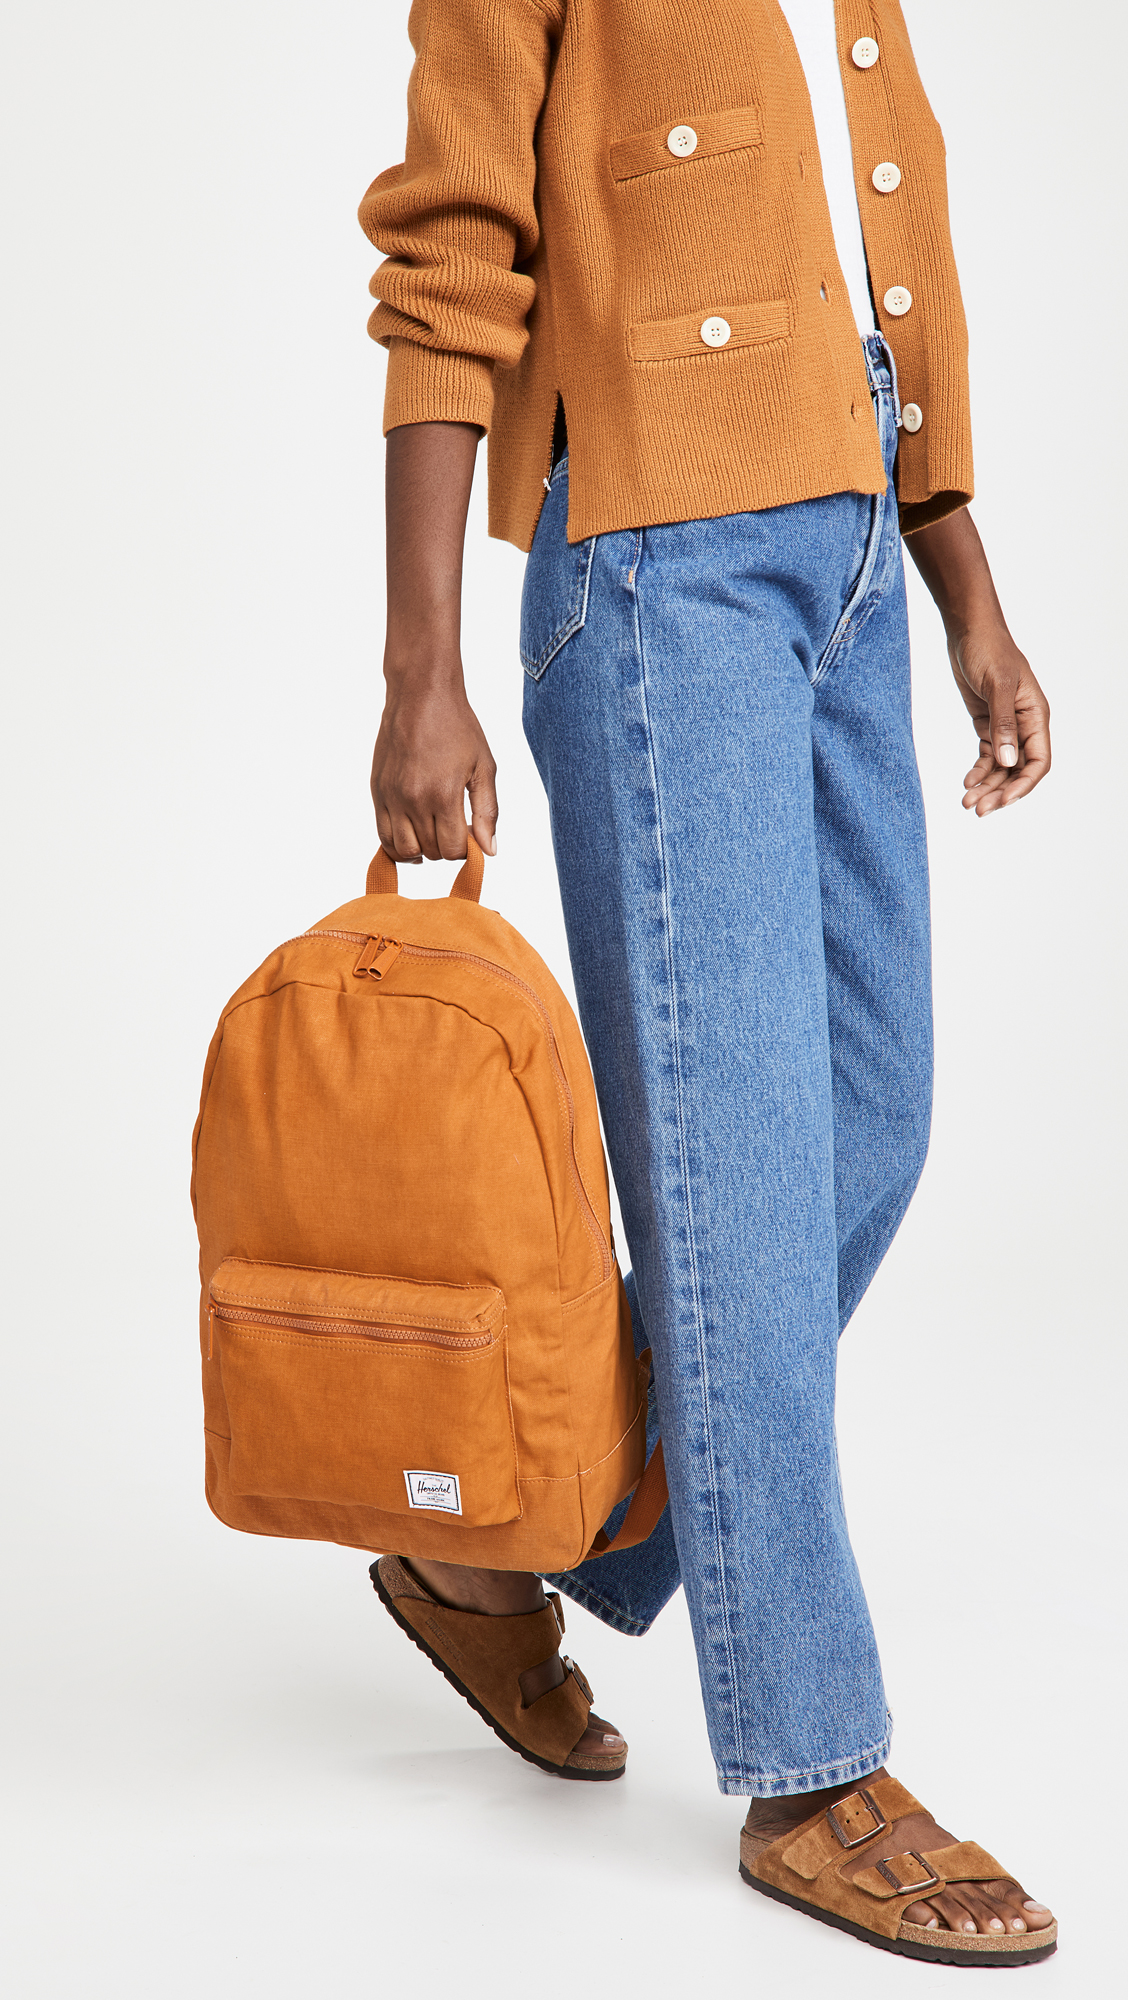 Herschel Supply Co. Cotton Casuals Daypack